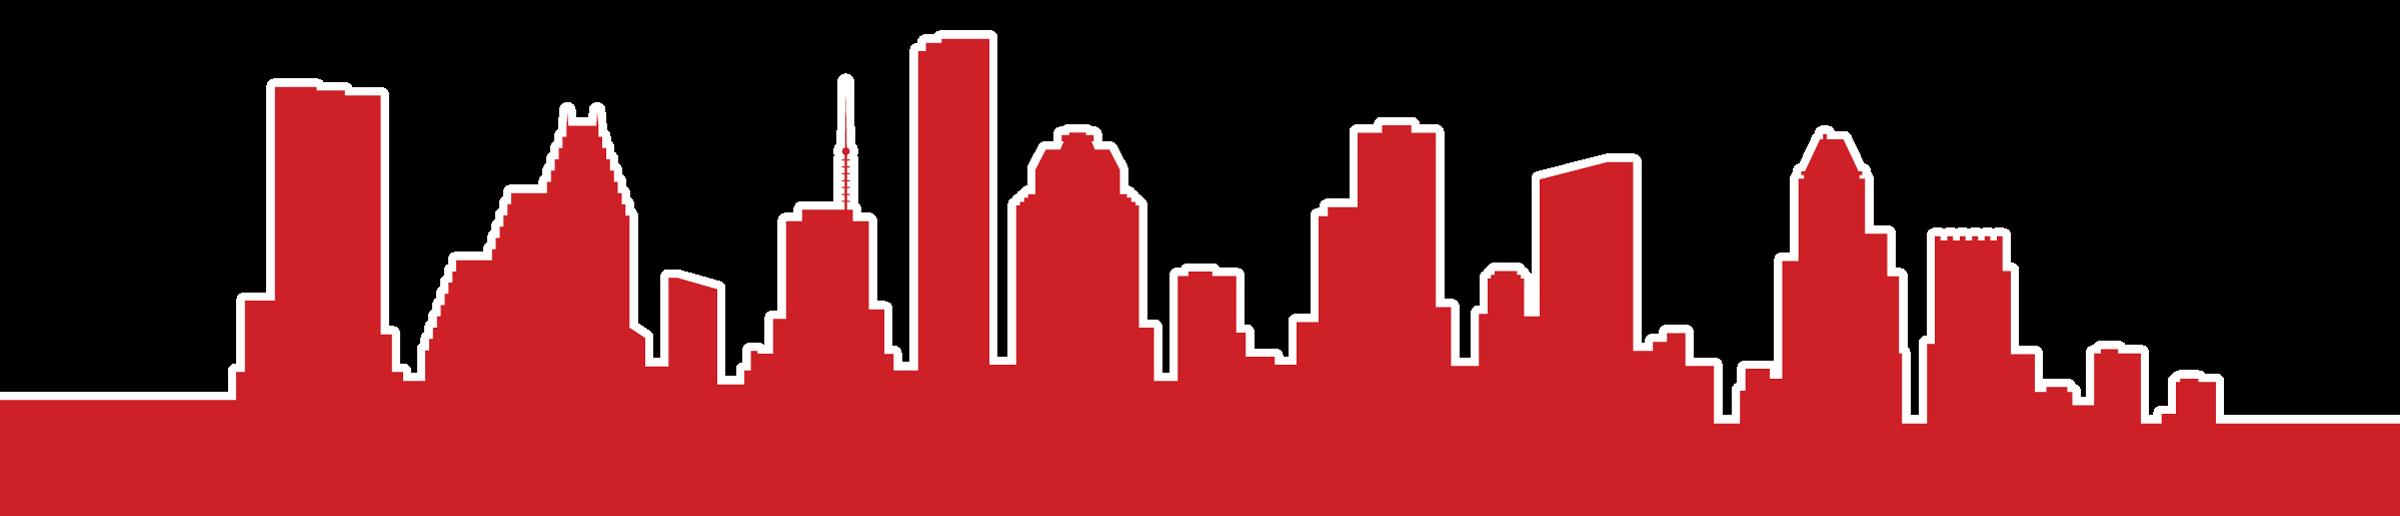 Houston Clip Art : Houston skyline drawing clipart best